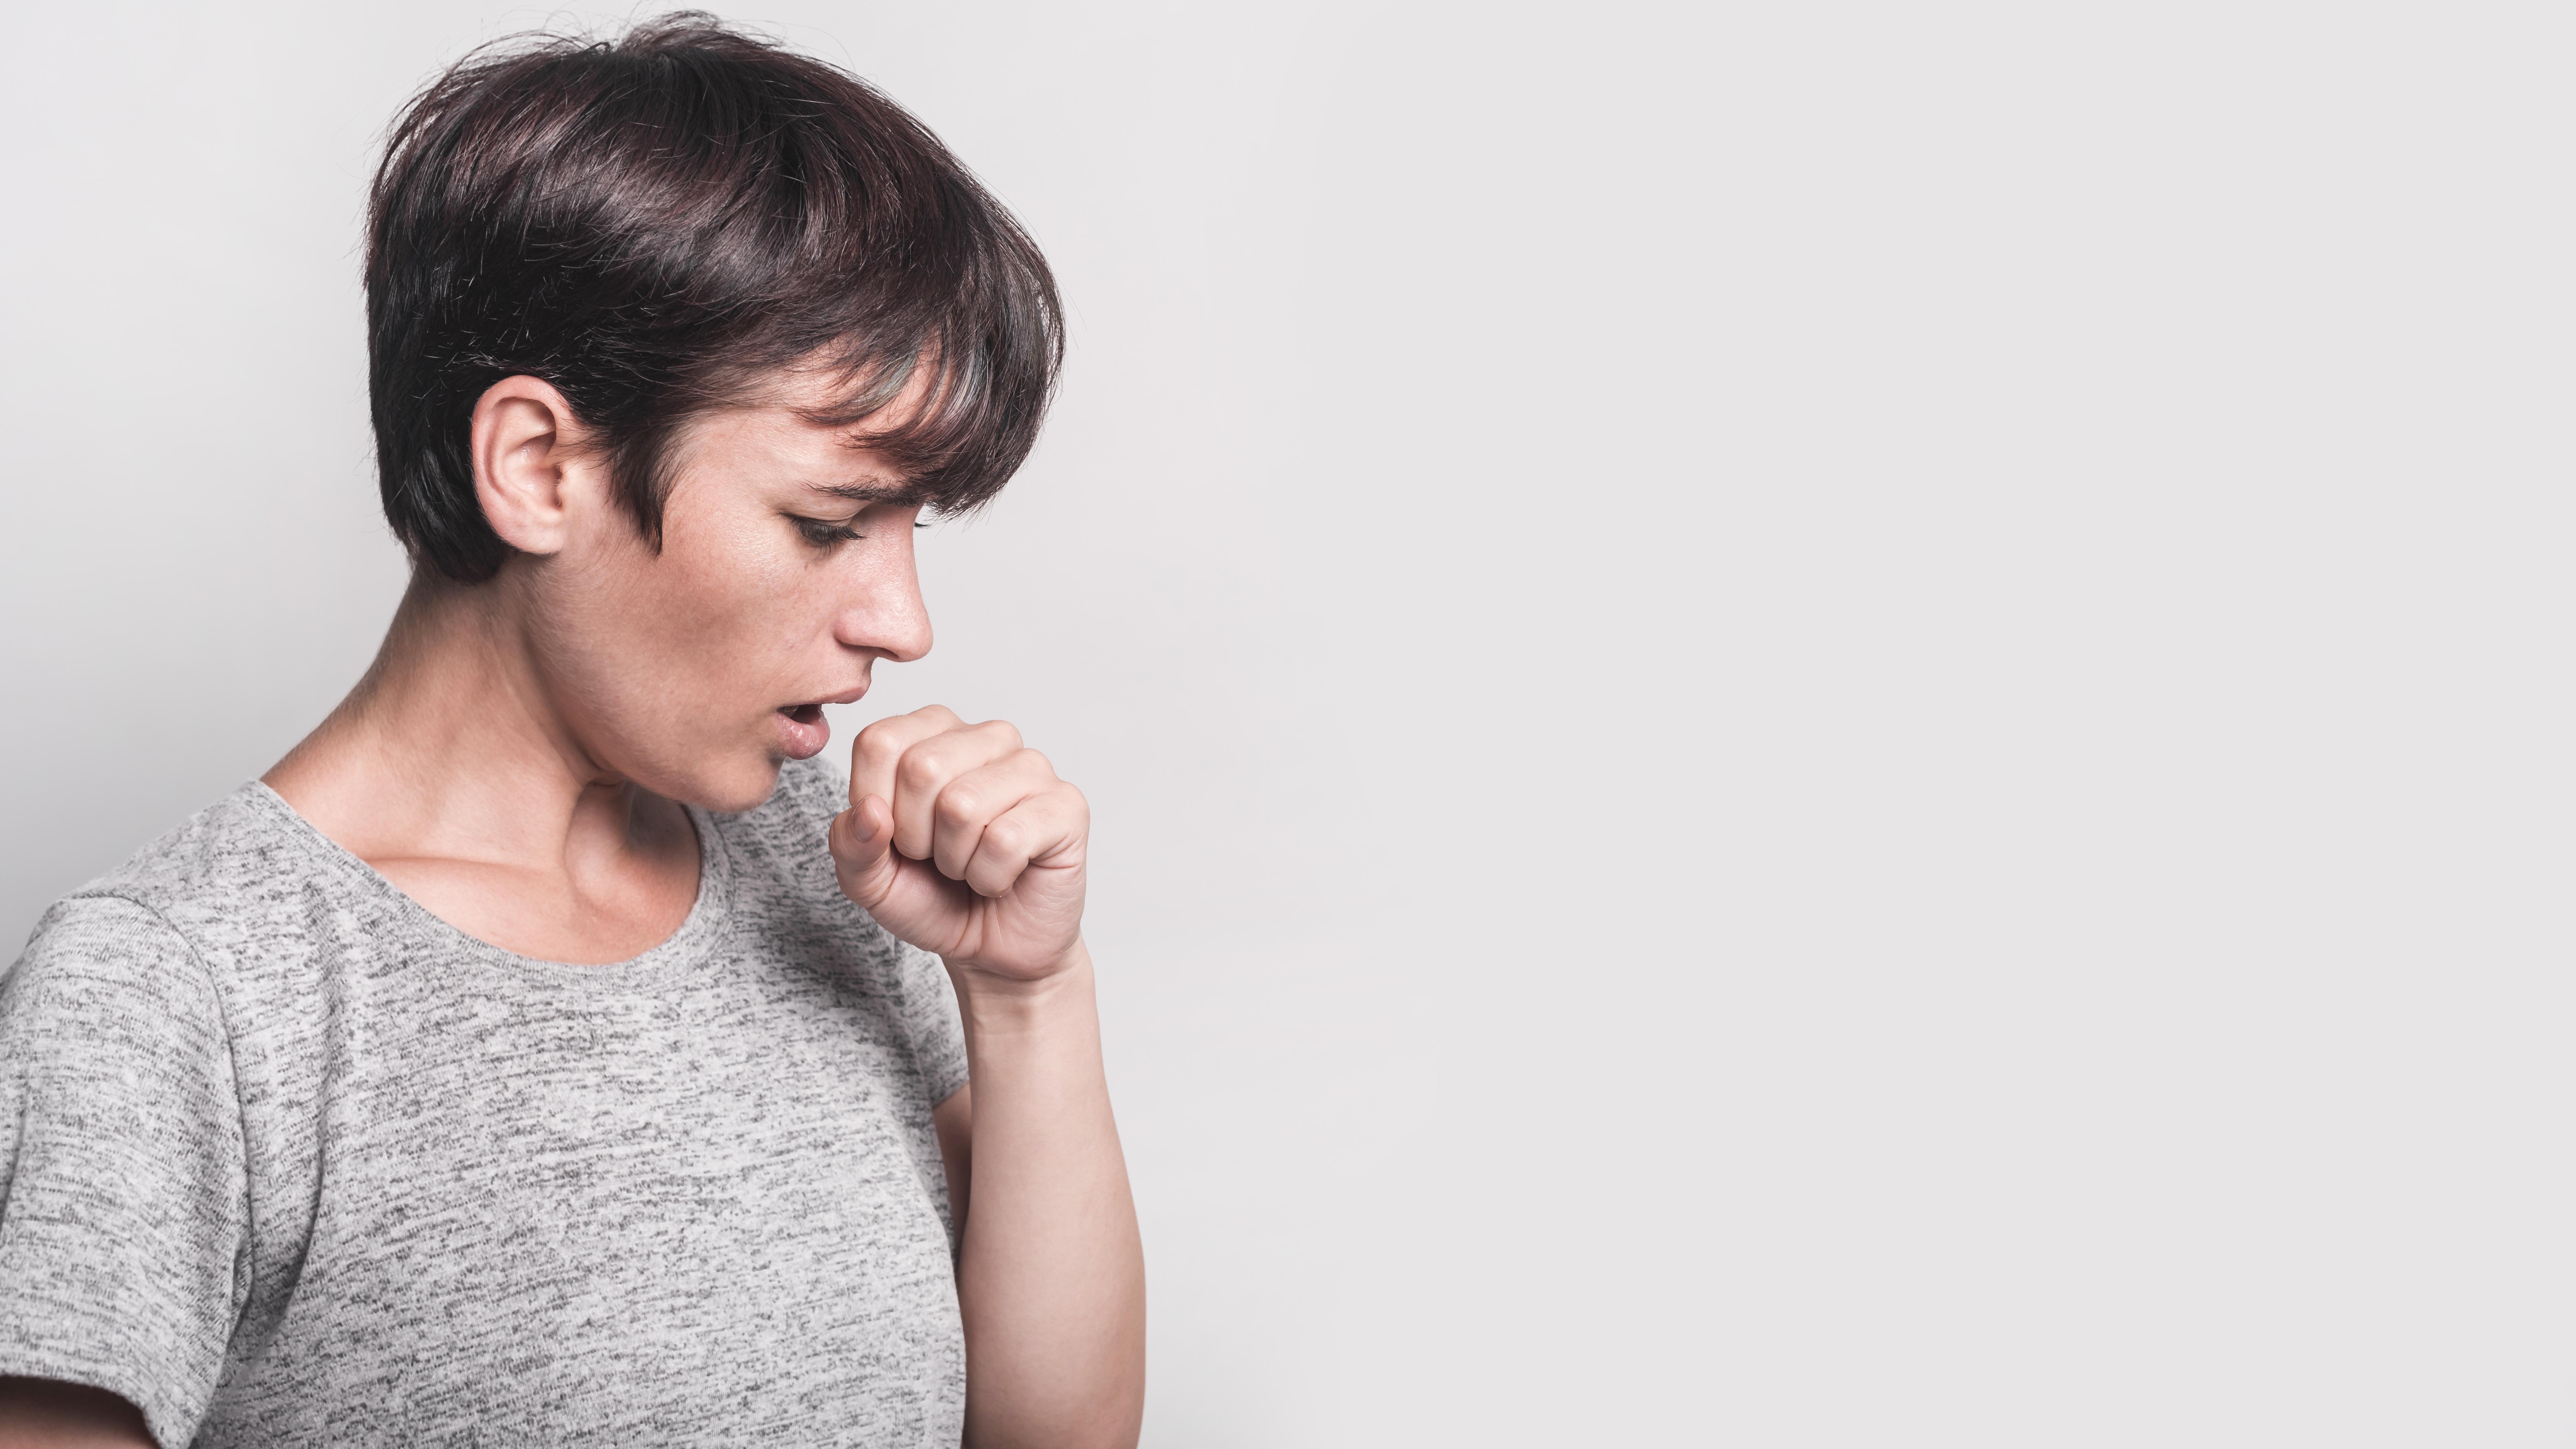 Hai tosse secca continua? Cosa fare.